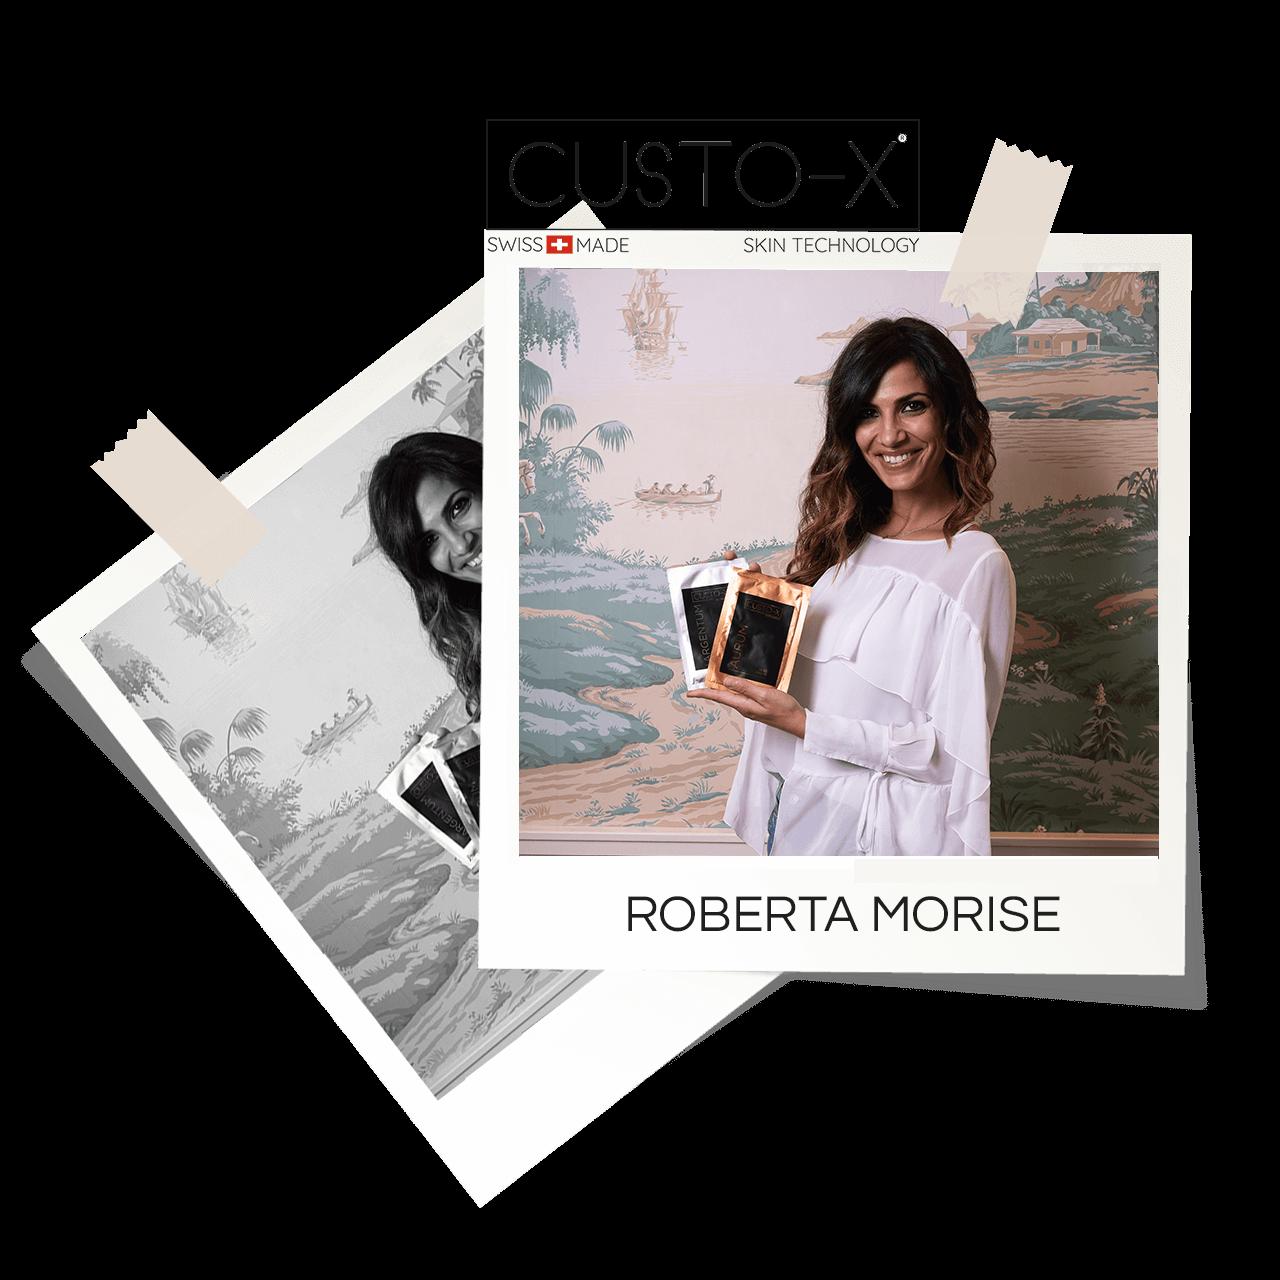 Roberta Morise